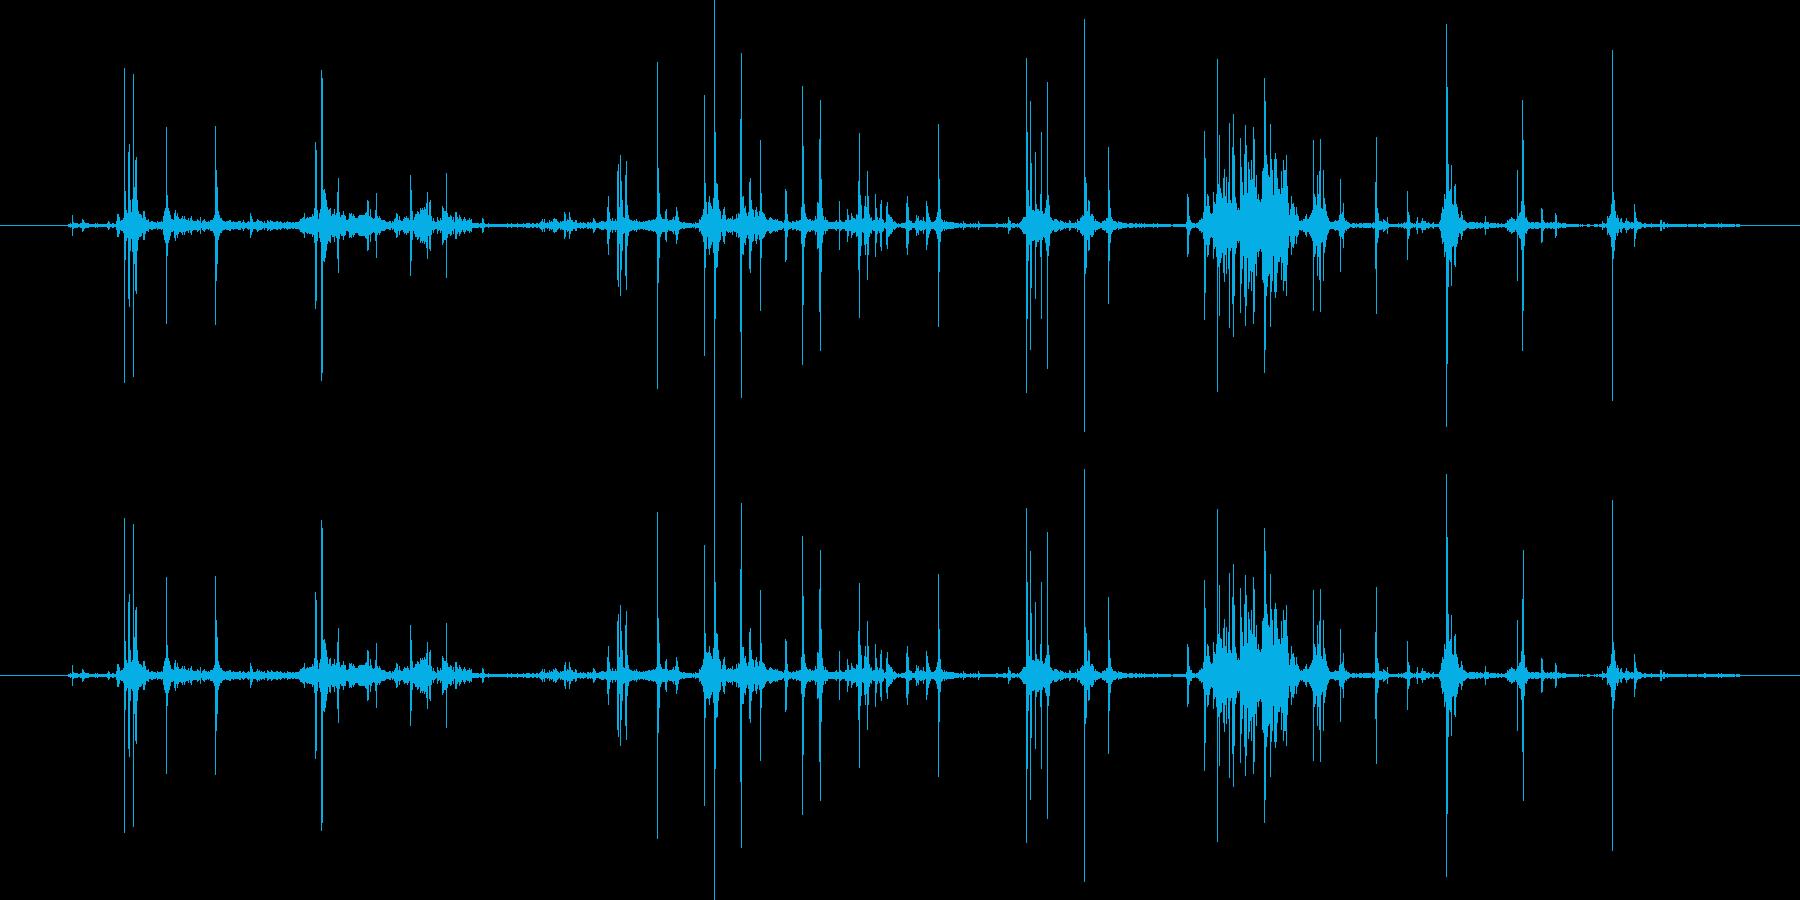 カシャカシャとお菓子の袋を開ける音の再生済みの波形